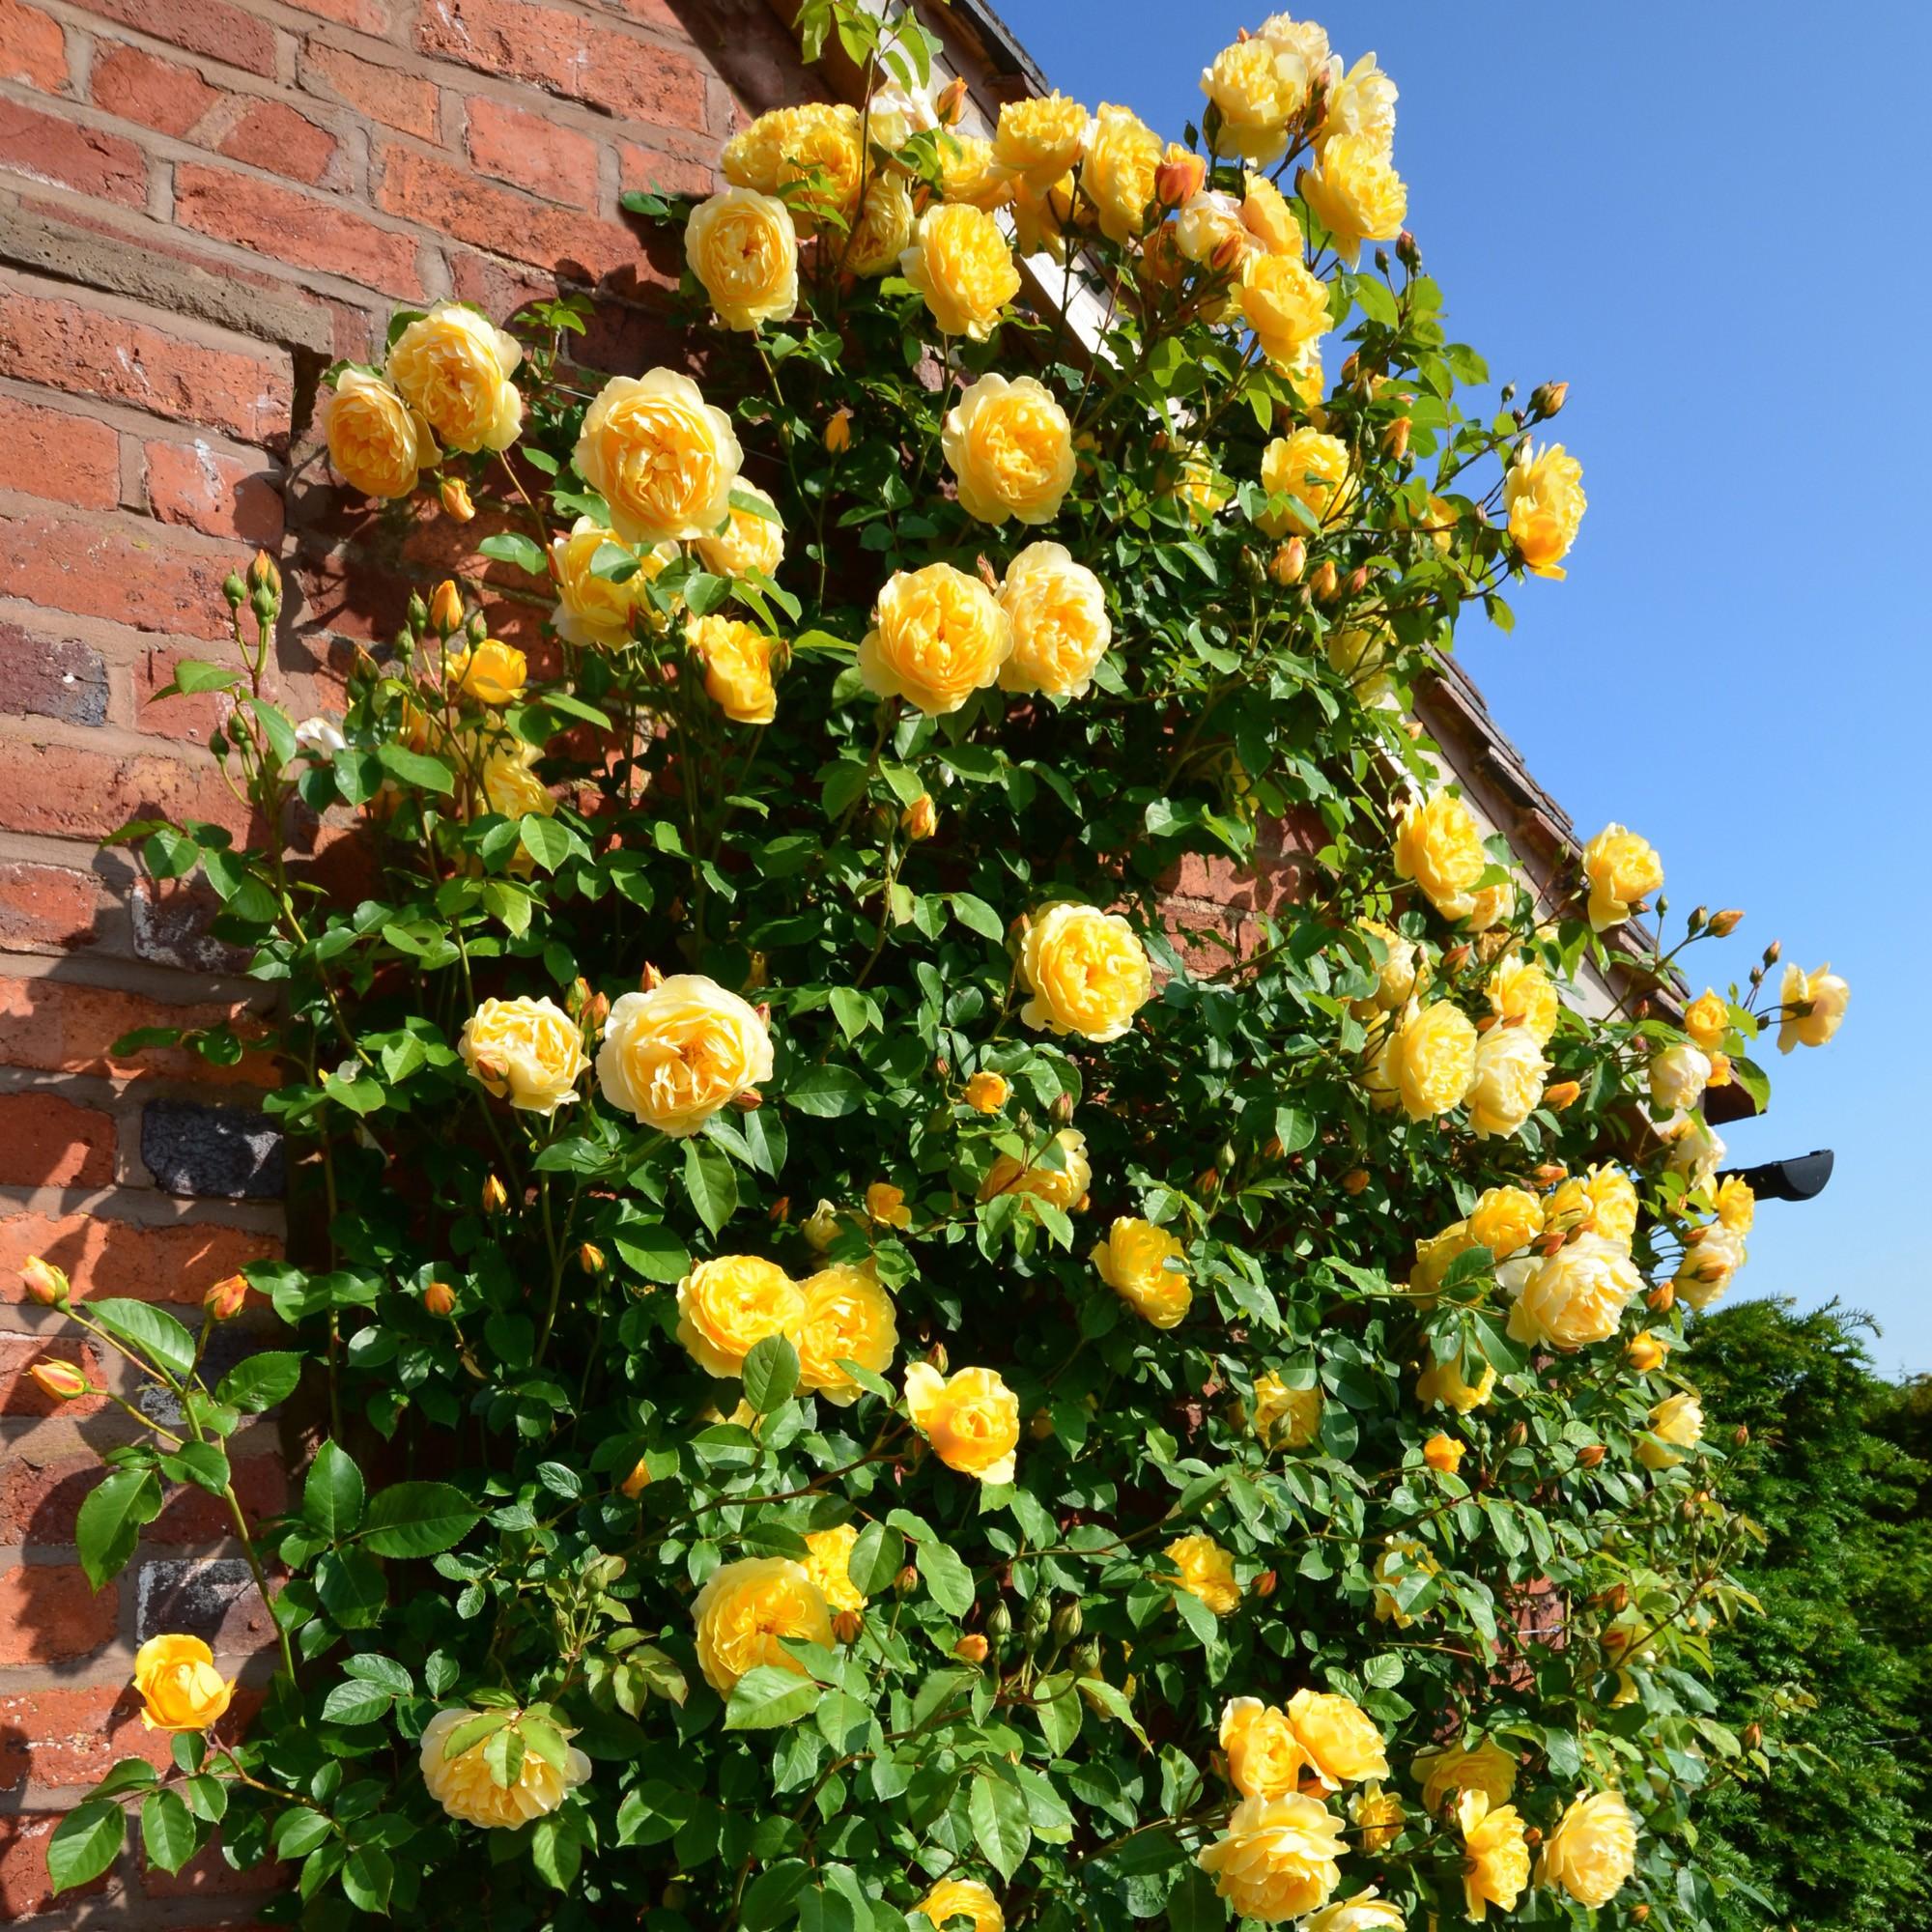 беззастенчиво пользуется вьющаяся роза желтого цвета фото домов воде